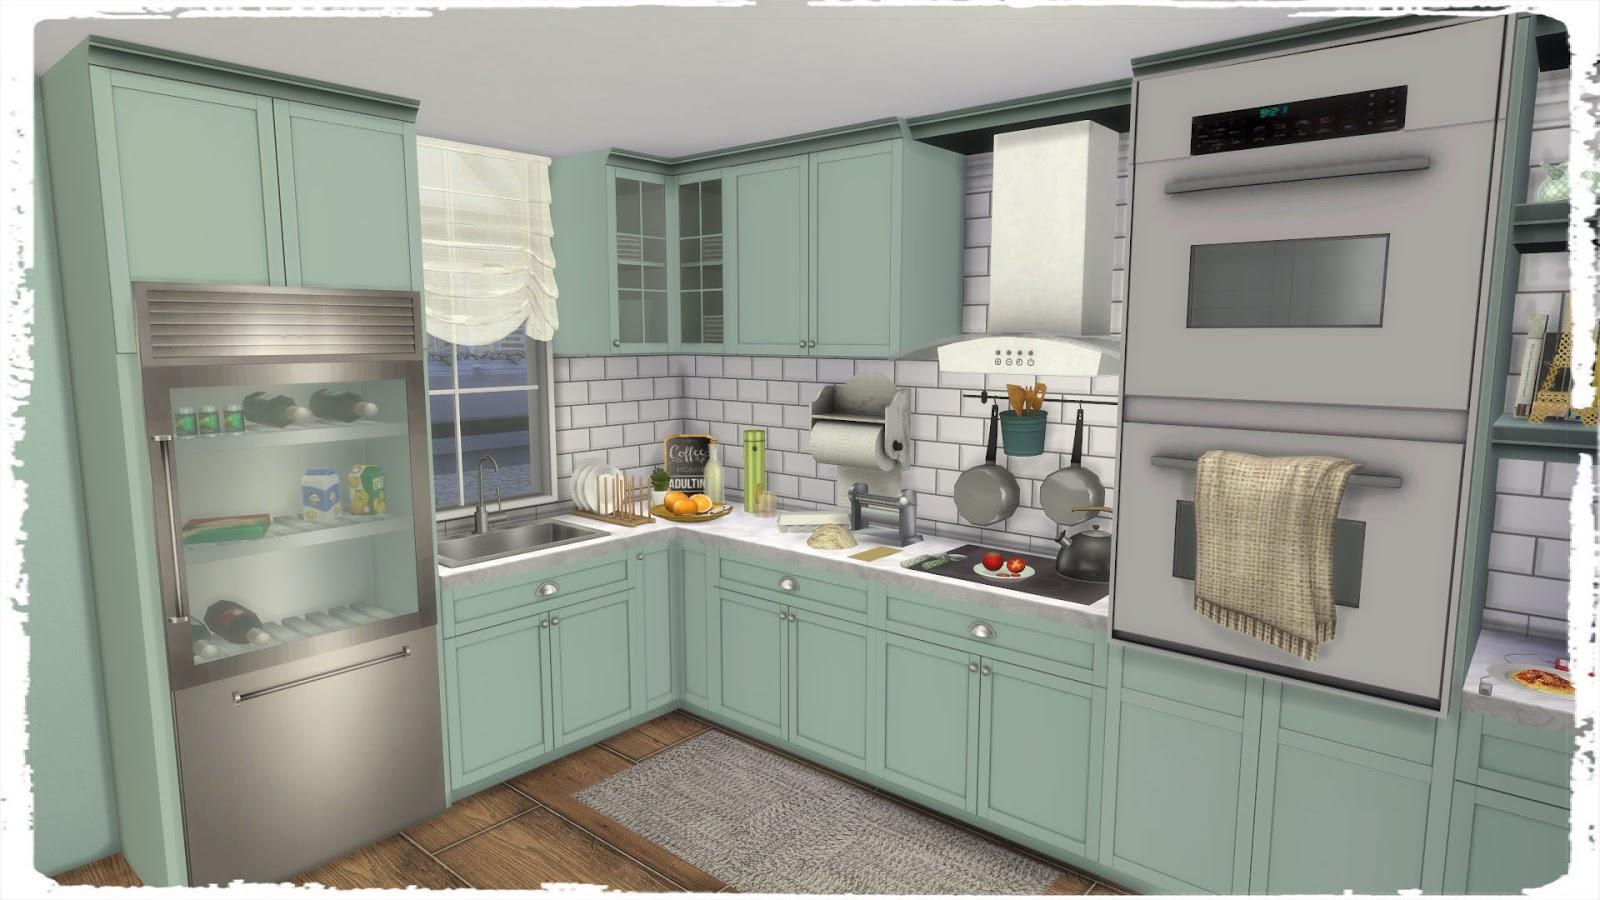 Sims 4 Kitchen Cabinets Cc Mod The Sims Sumptuous Kitchen Set